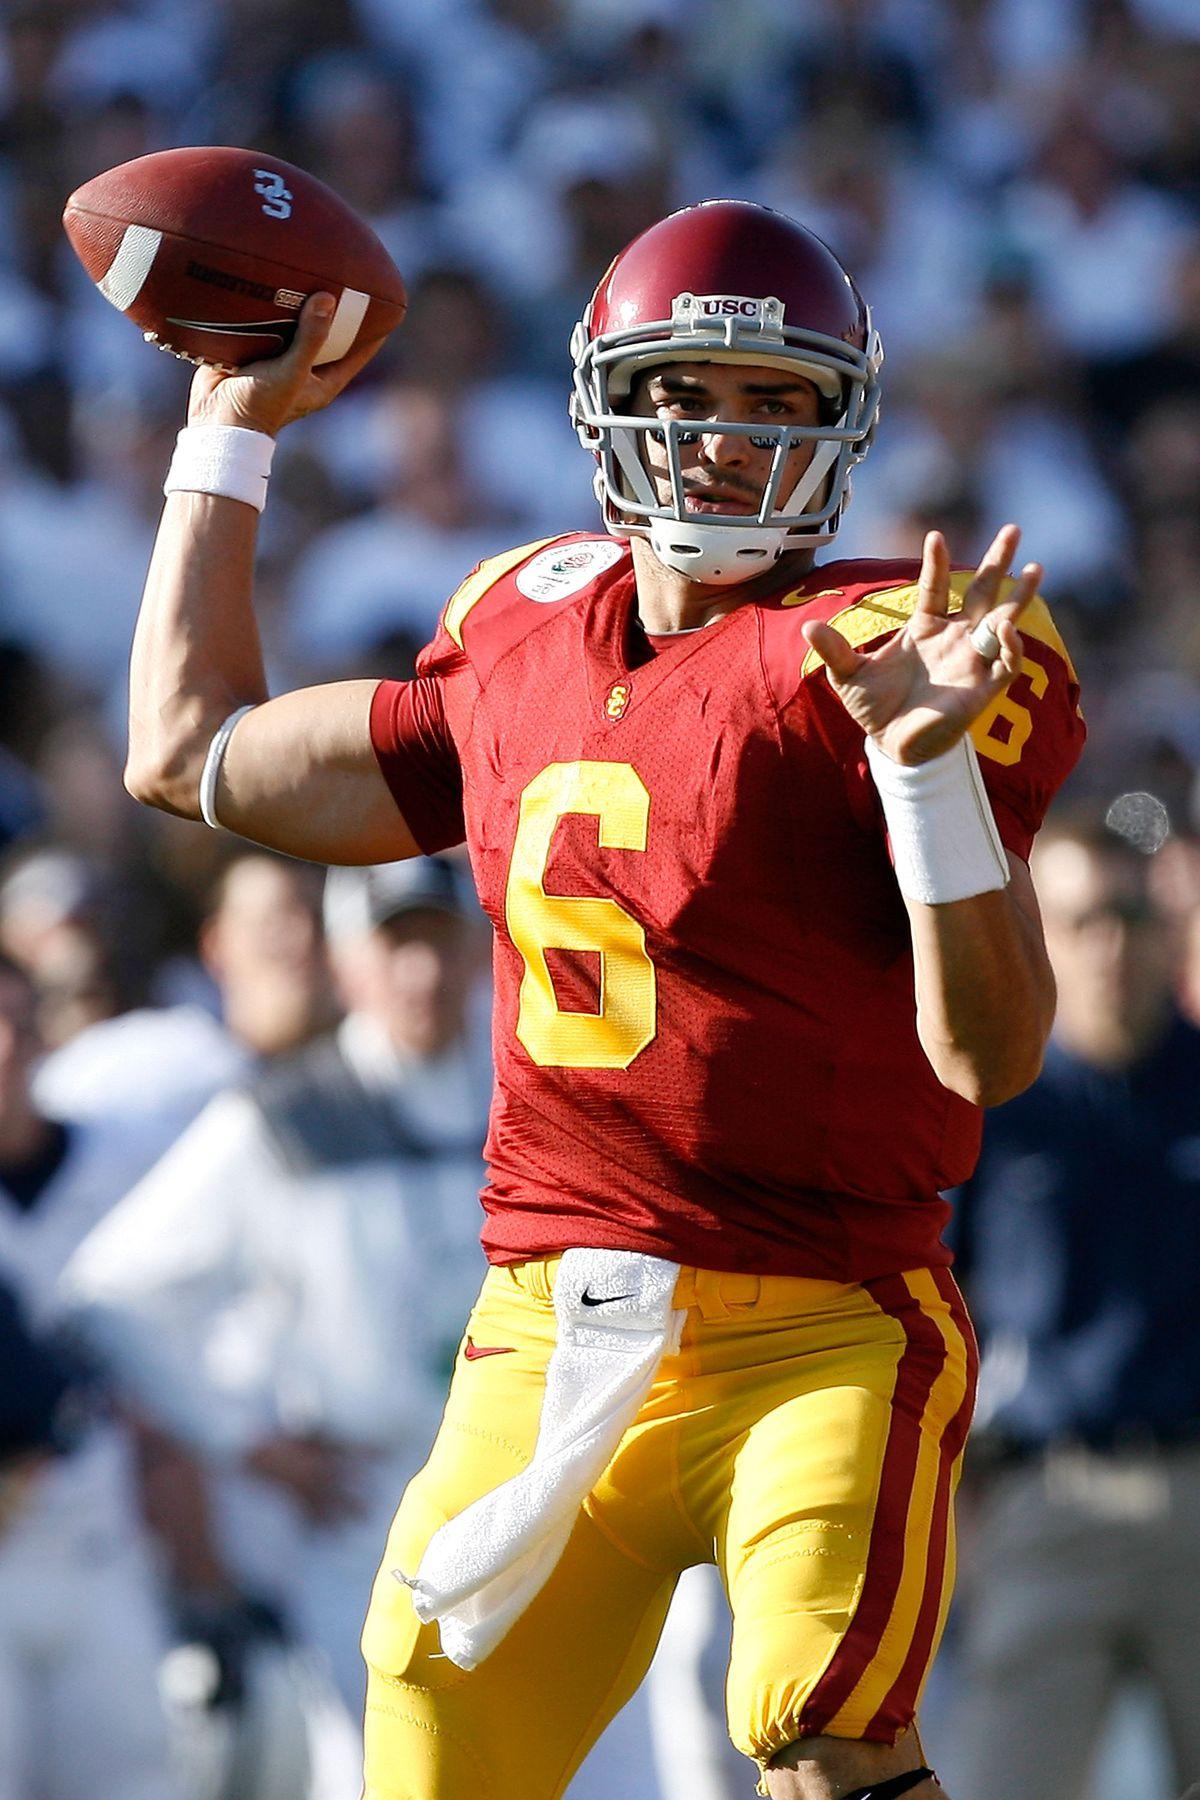 Rose Bowl - Penn State v USC